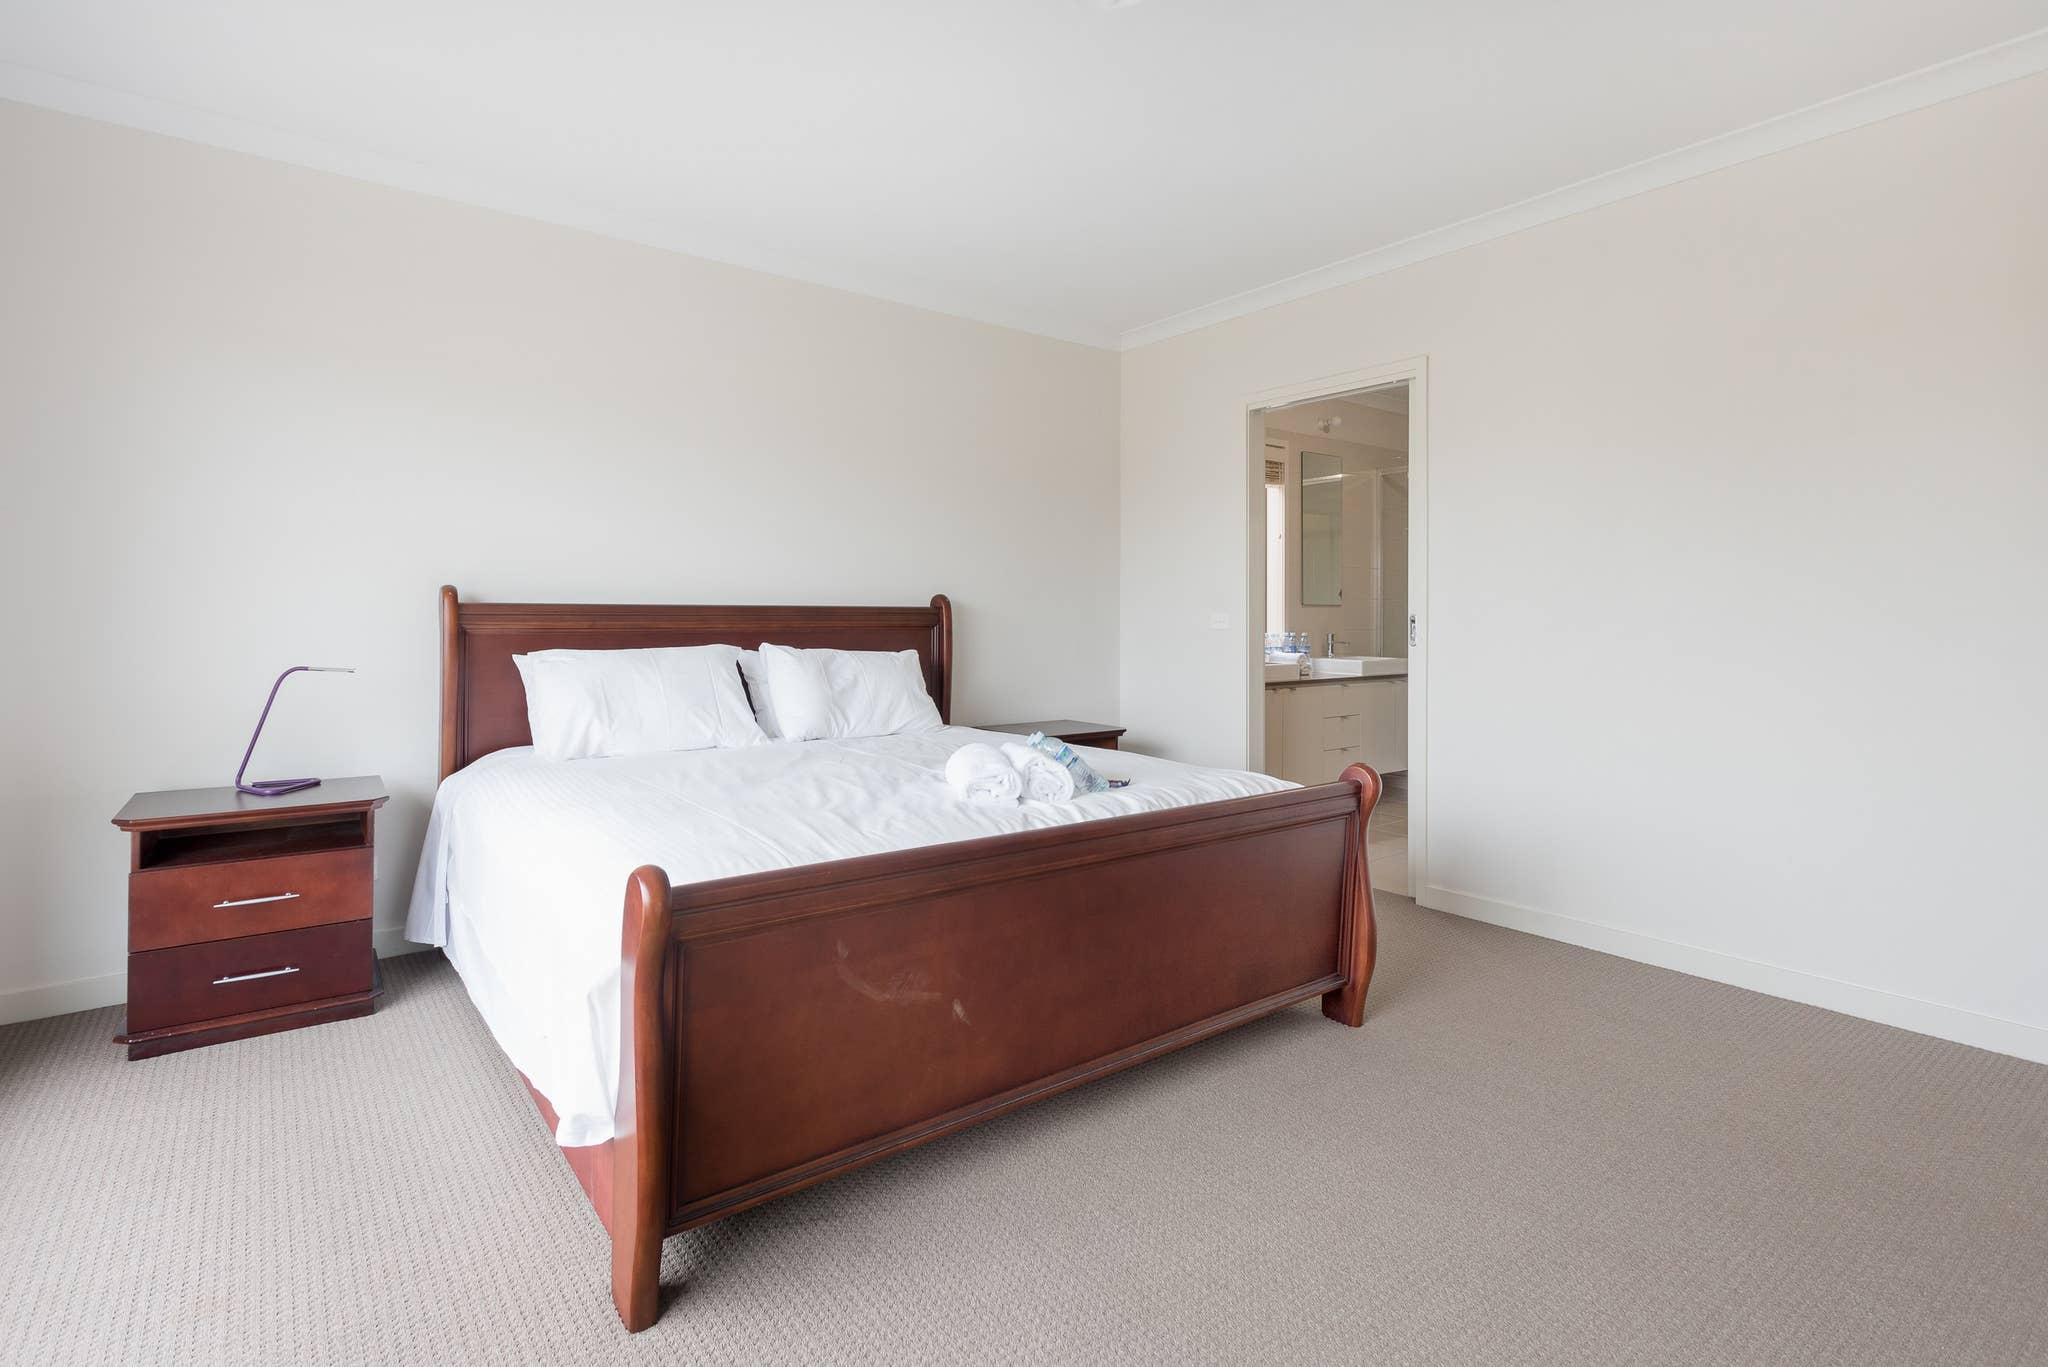 Ferienhaus 5br Luxushaus 20 Min bis Cbd Gerumiges Wohnen (2704199), Point Cook, , Victoria, Australien, Bild 8